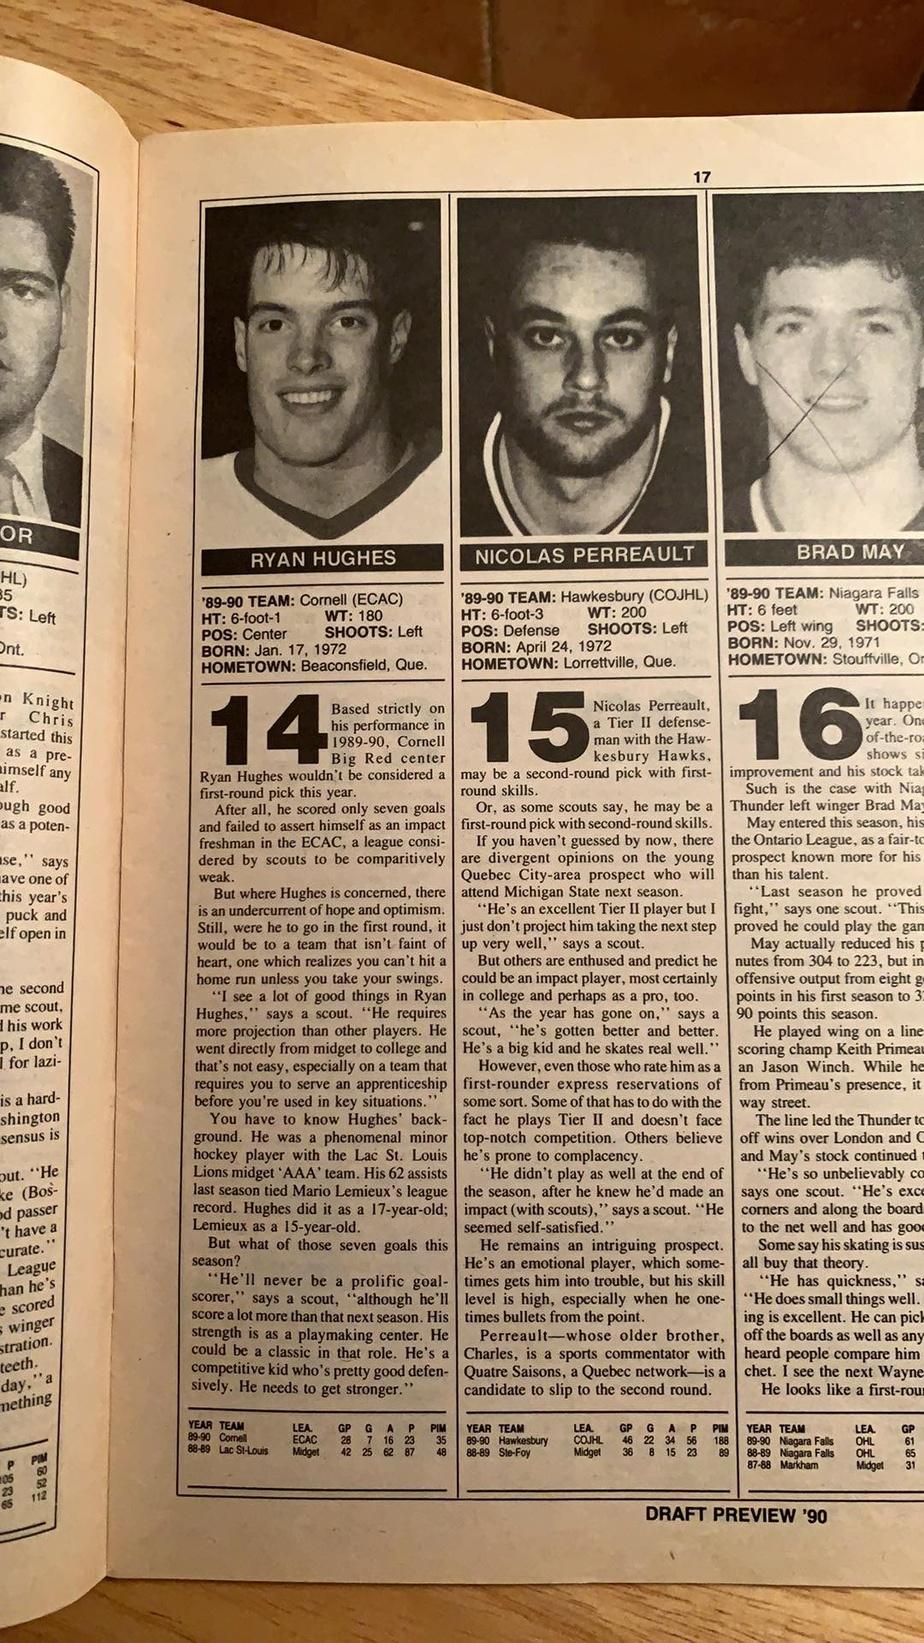 Les portraits de Ryan Hughes et de Nicolas Perreault publiés dans l'édition spéciale du repêchage de 1990 du magazine The Hockey News